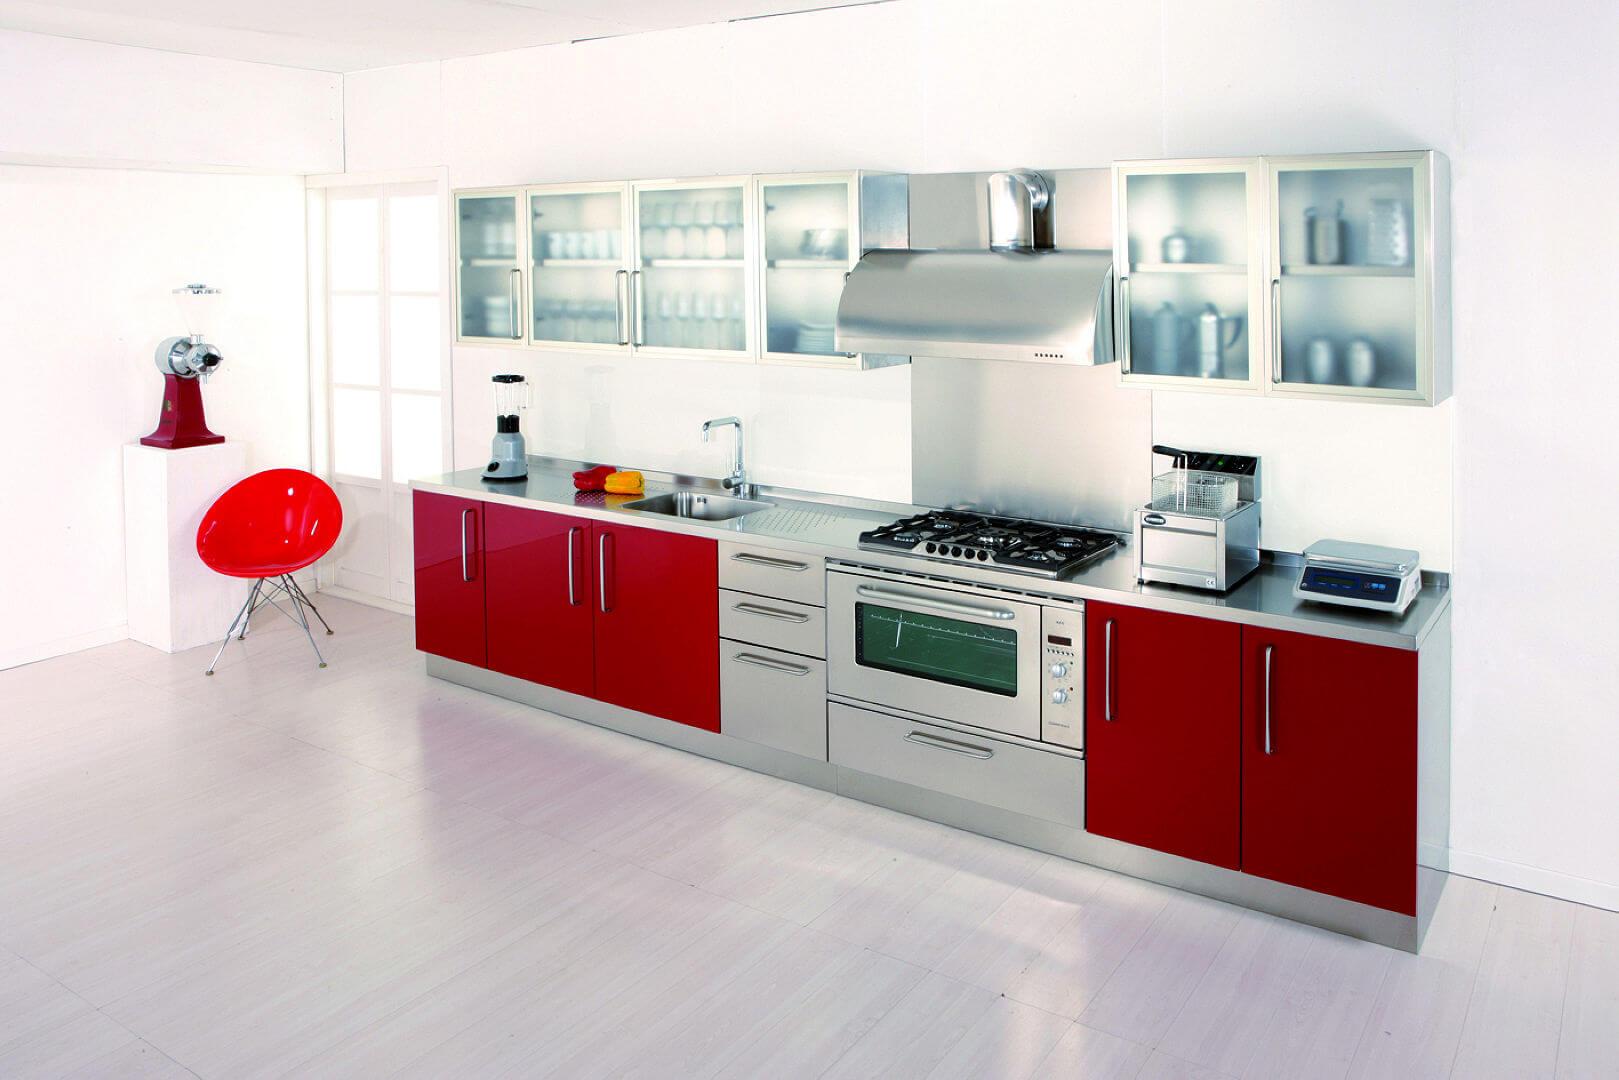 gourmet - arca cucine italia - cucine in acciaio inox - Pensili Inox Per Cucina